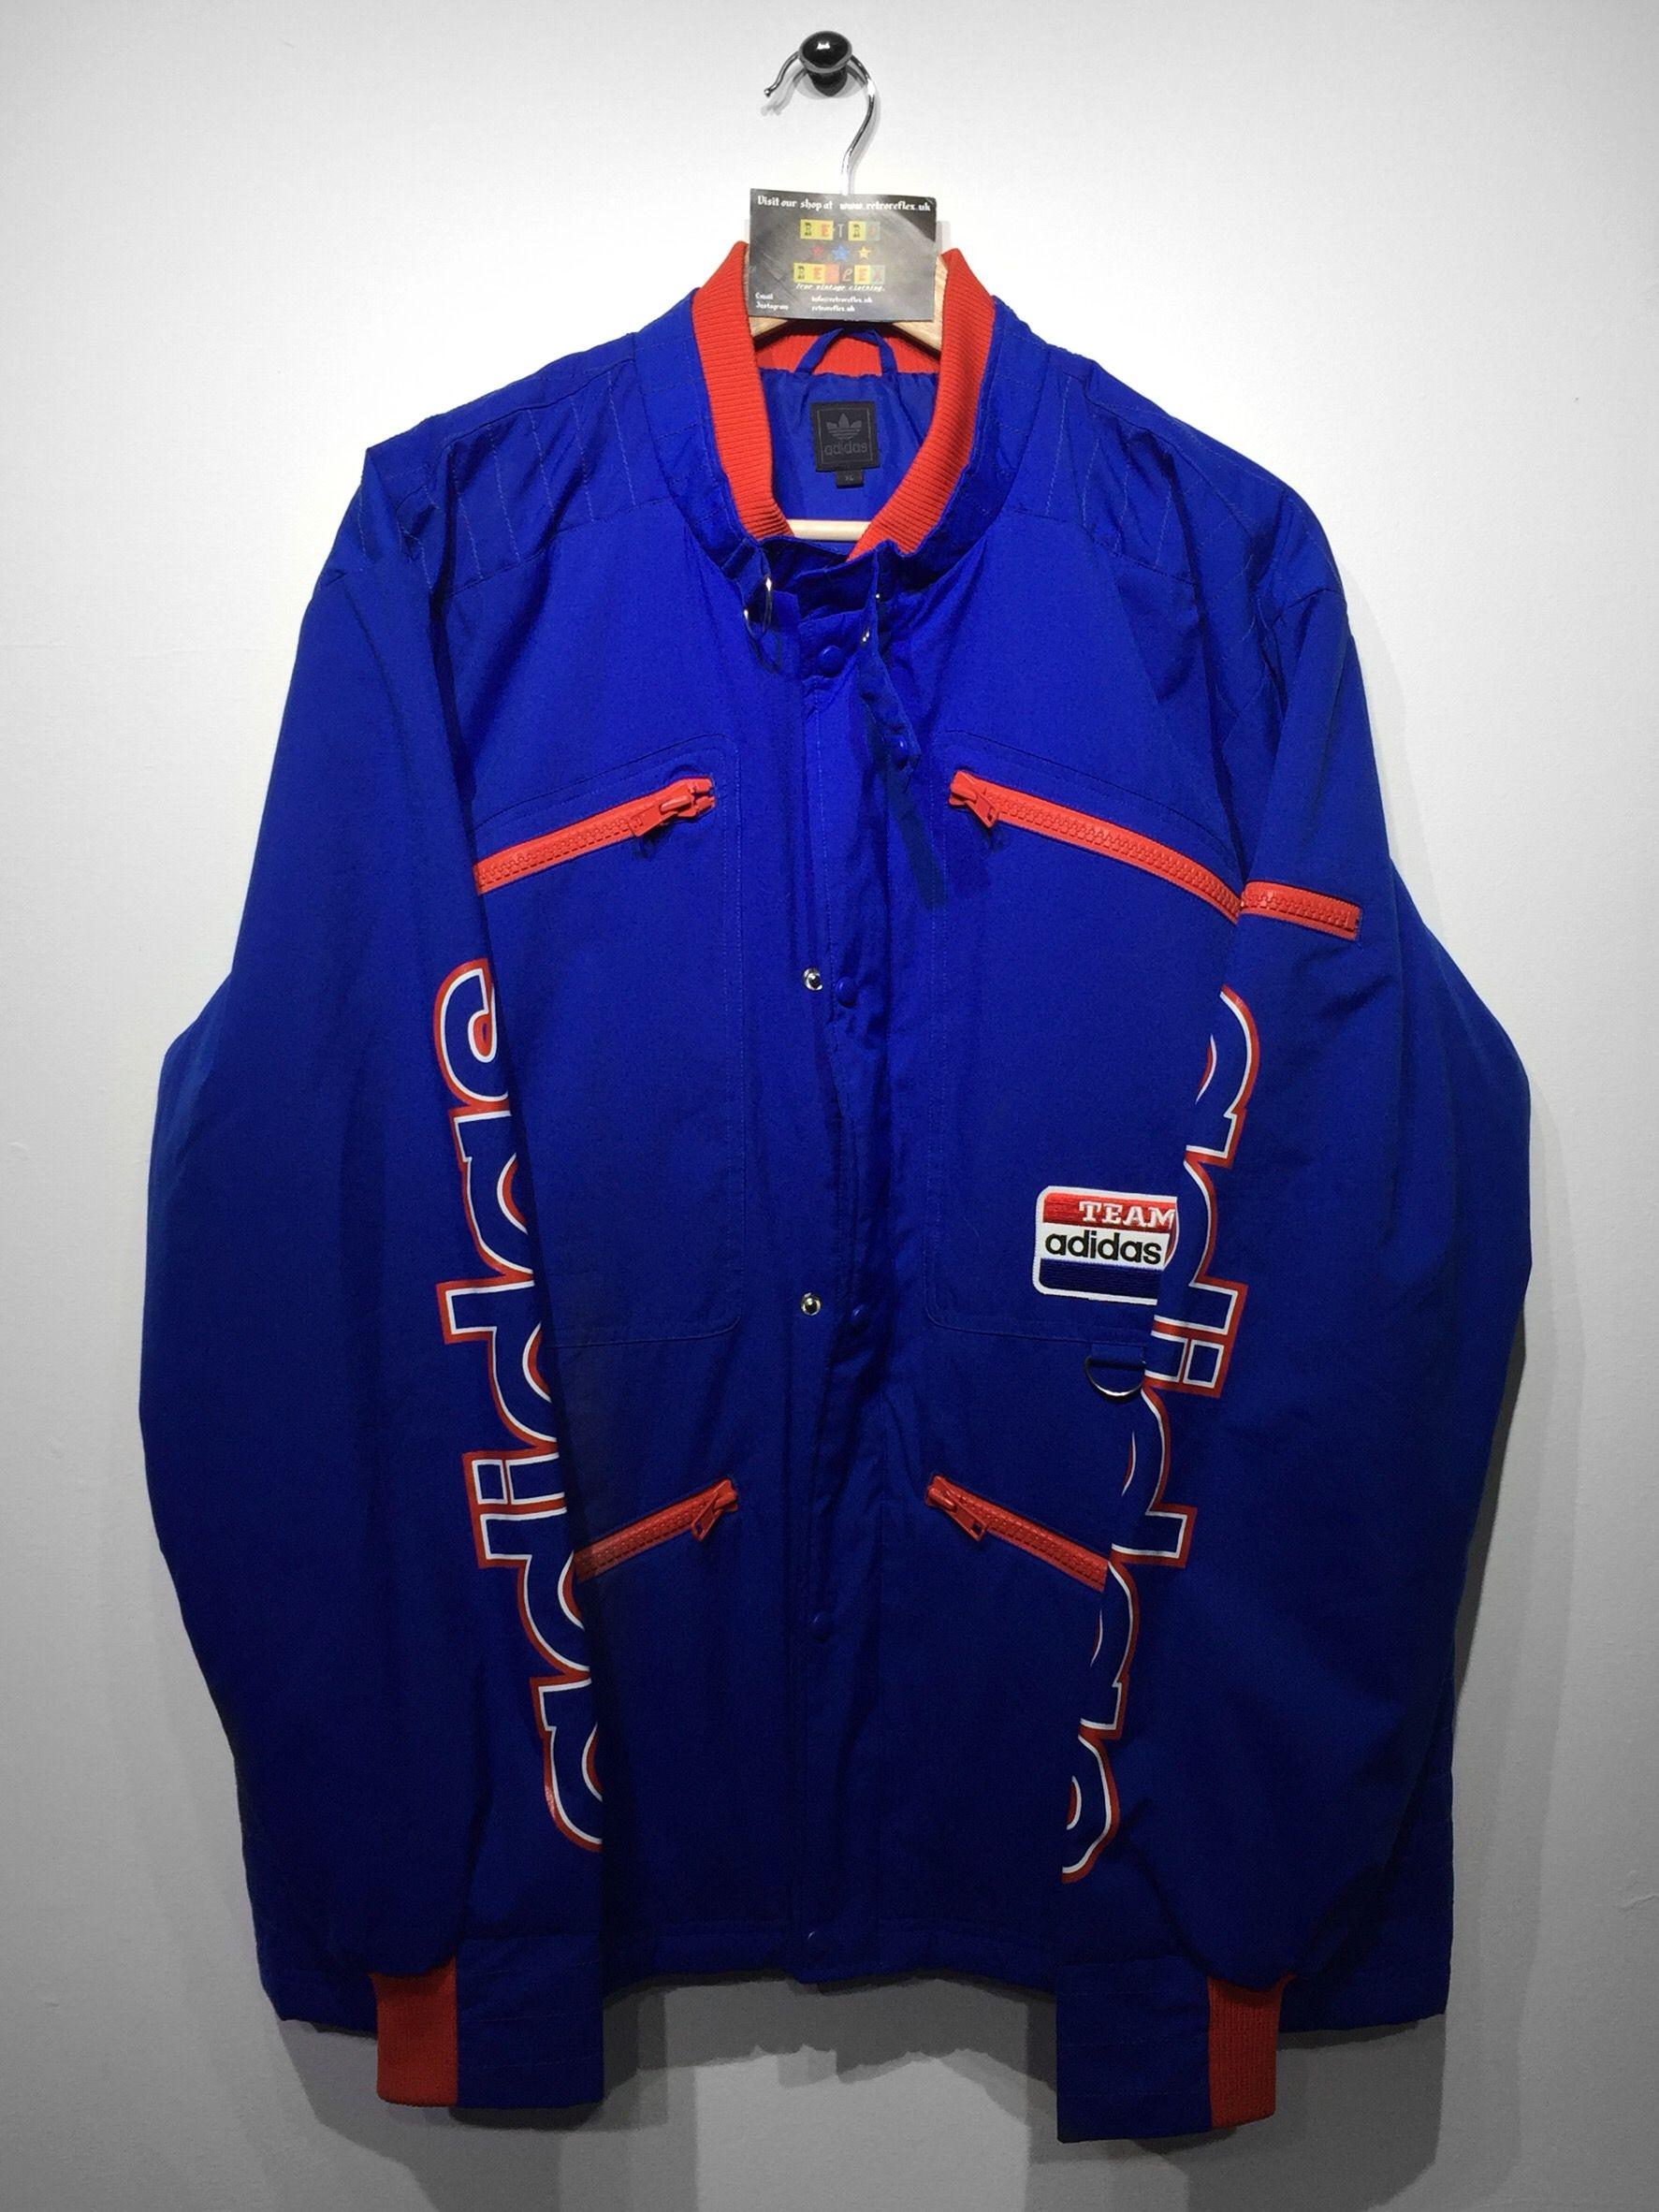 quality design 4b4ba f6578 Adidas Coat size   街头文化   Pinterest   Adidas, Vintage clothing ...